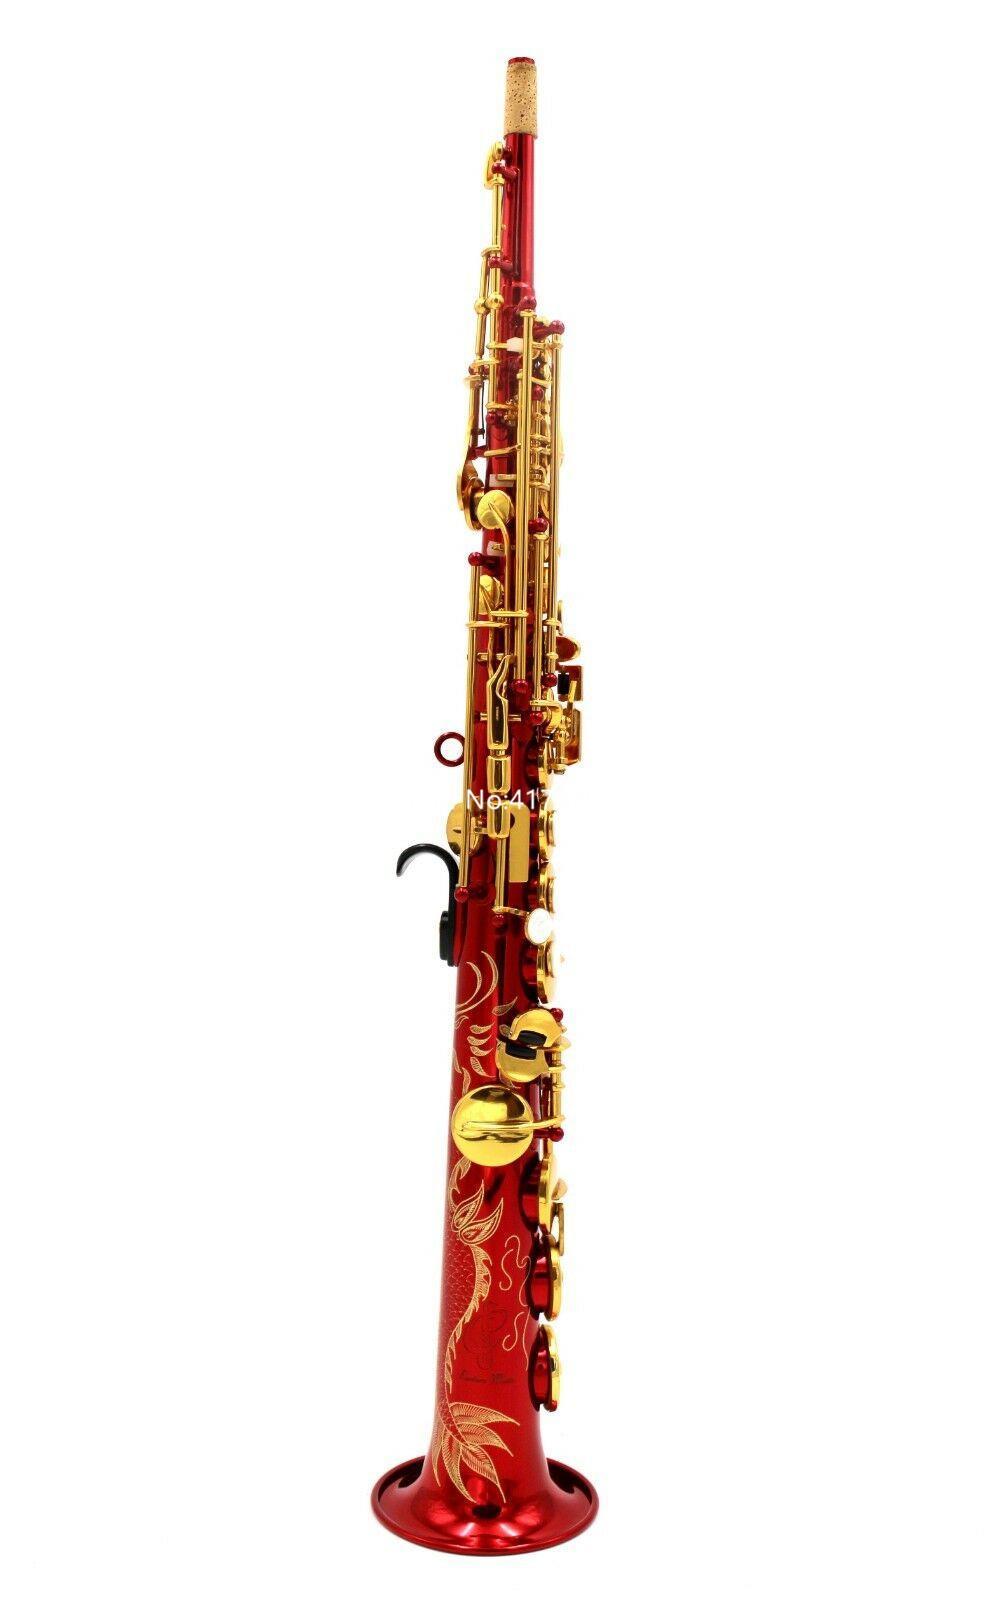 Горячие продажи сопрано саксофон си бемоль красный лак шеи встроенный тип прямые музыкальные инструменты профессиональные с аксессуарами